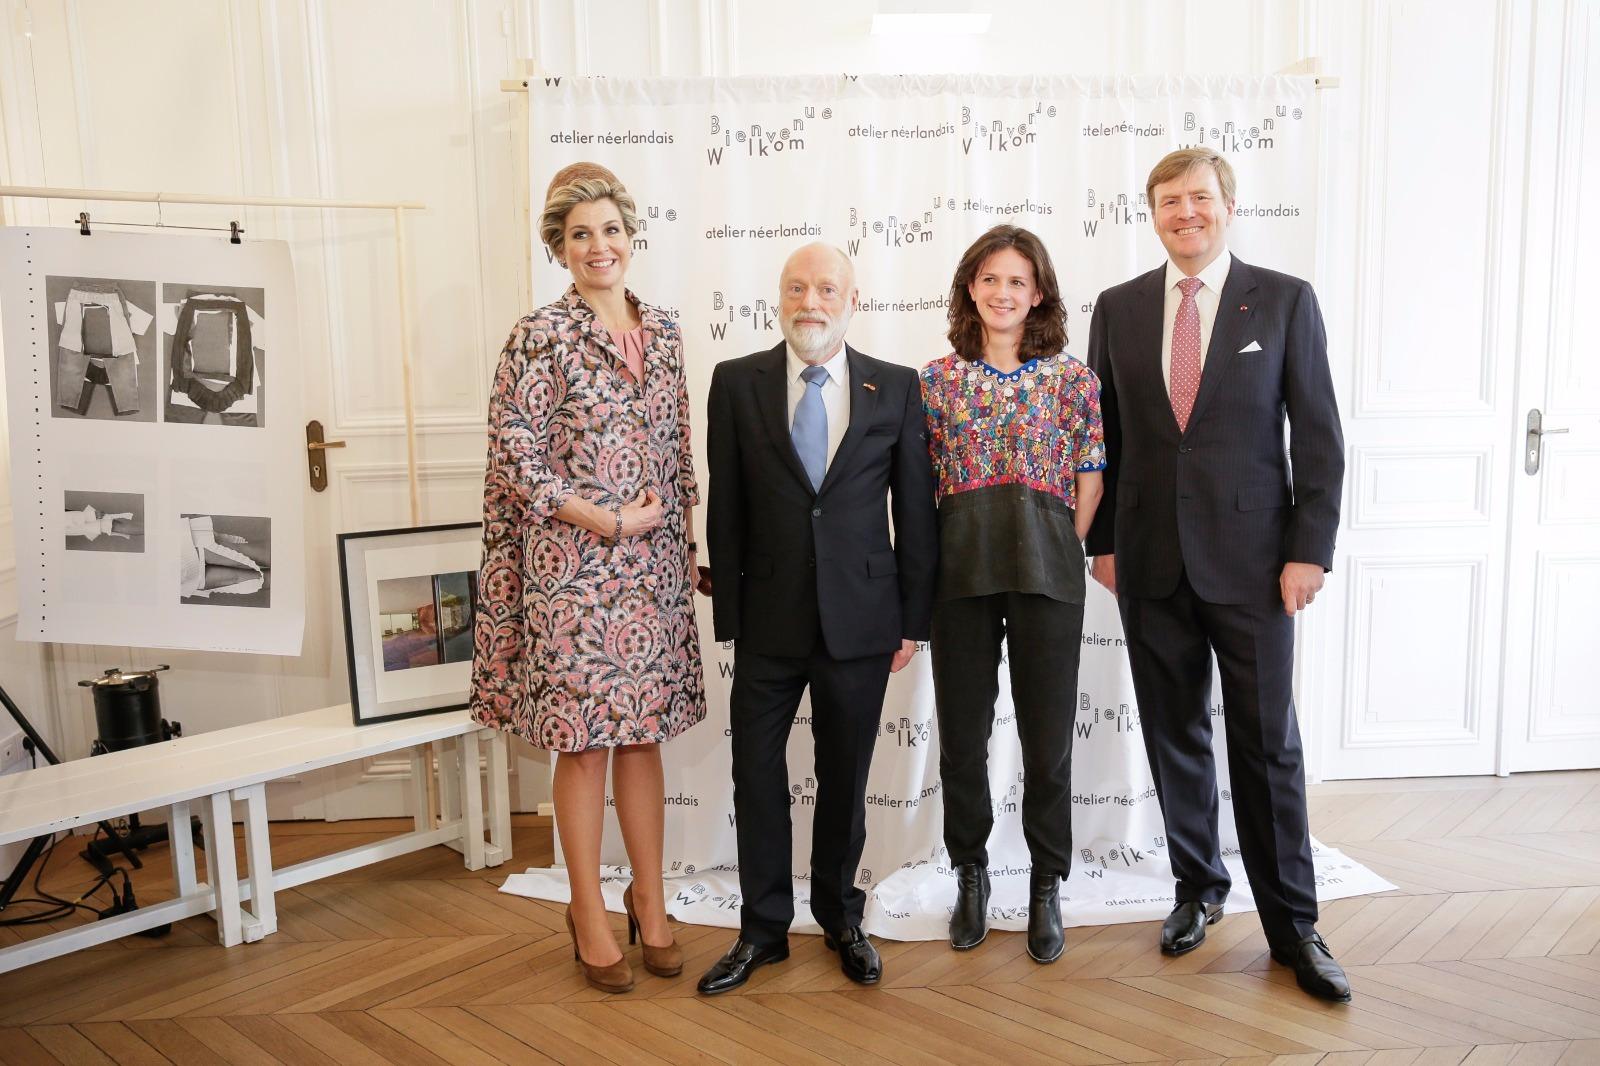 Elisa van Joolen winner scholarship Han Nefkens Foundation